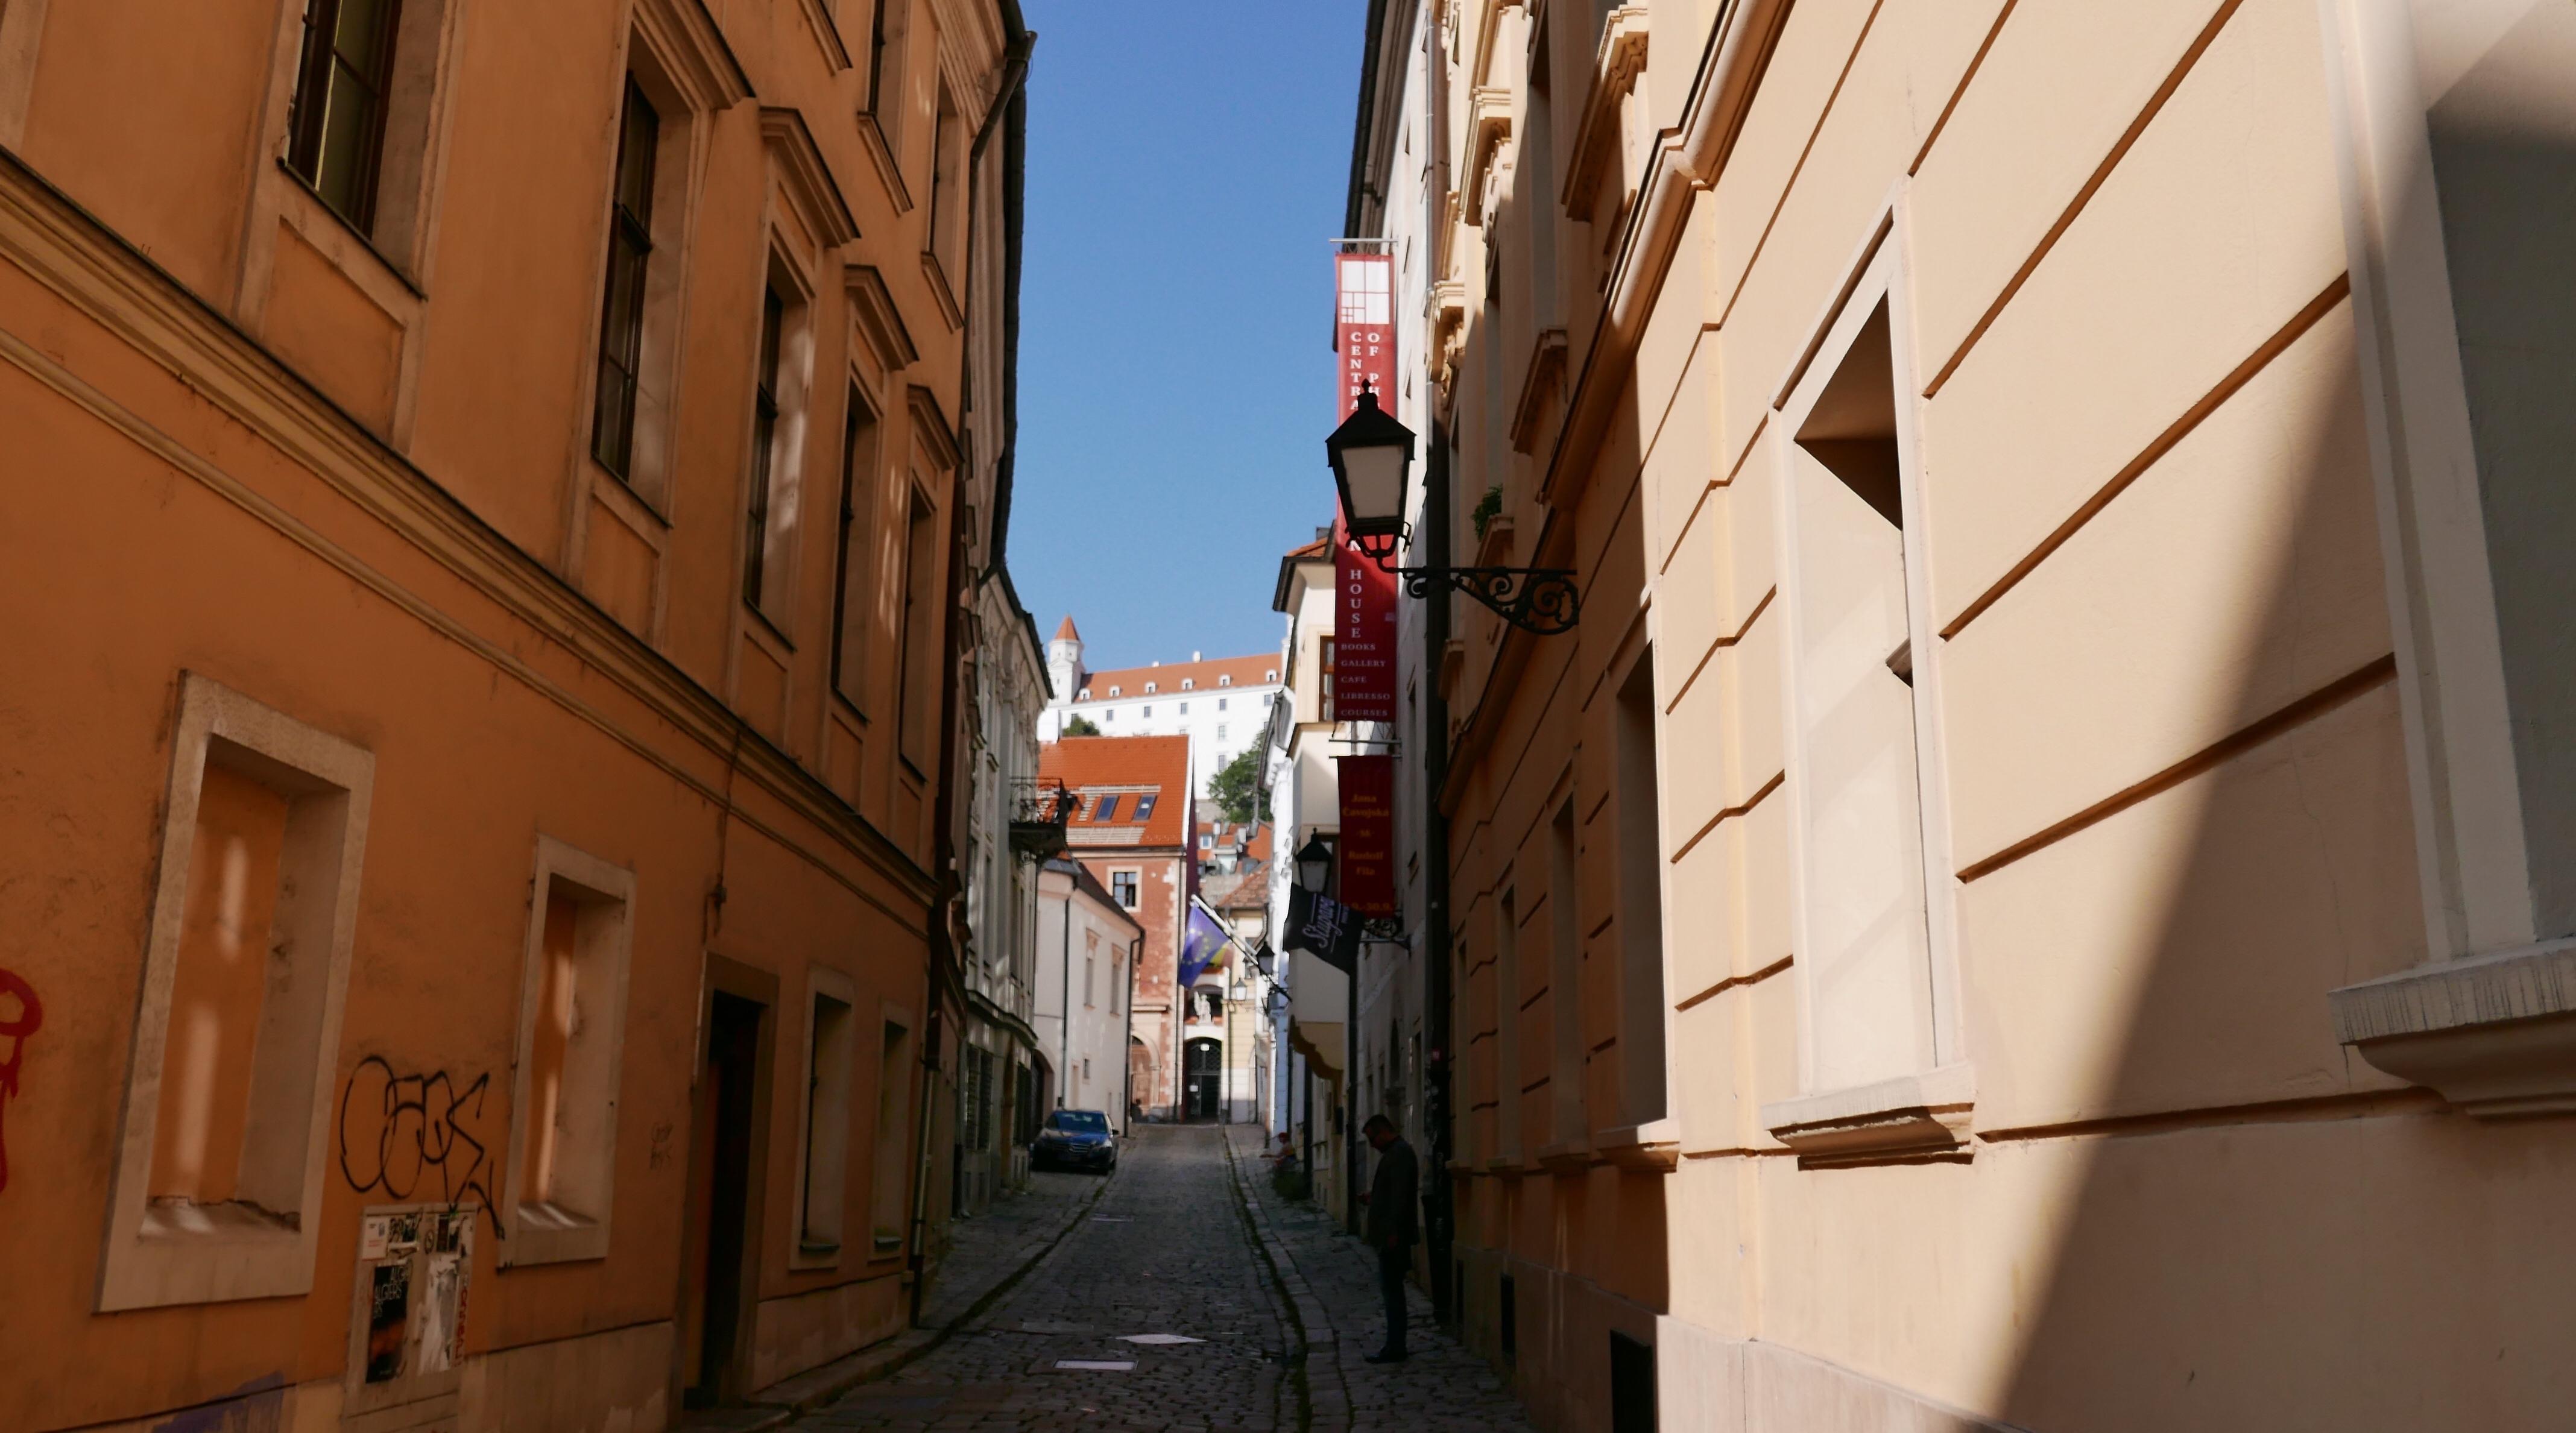 布拉提斯拉瓦景點|布拉提斯拉瓦一日遊、老城區景點、路線地圖